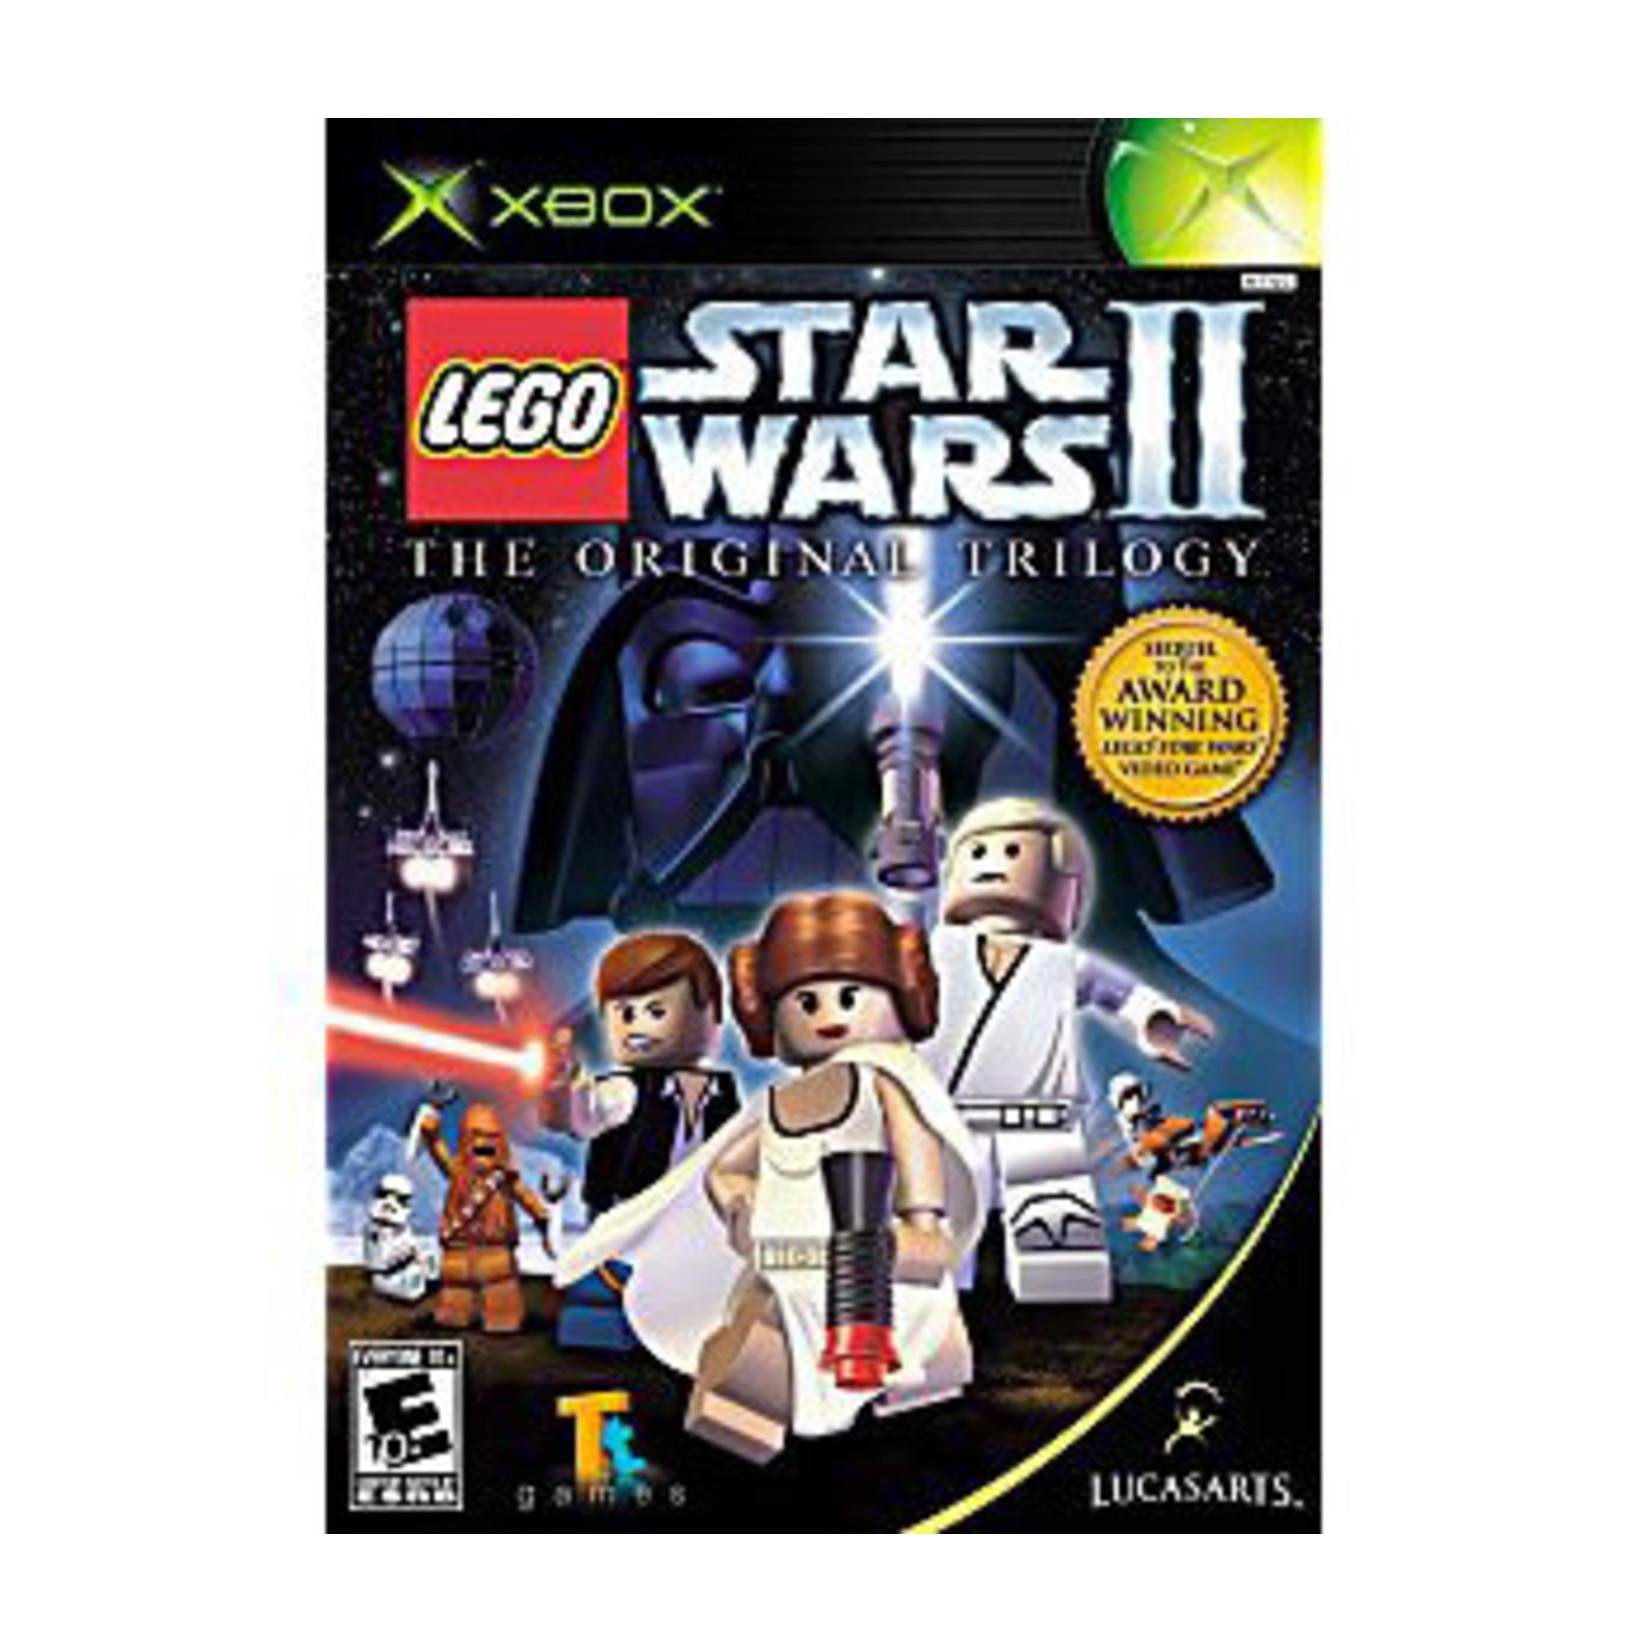 XBU-LEGO STAR WARS II THE ORIGINAL TRILOGY